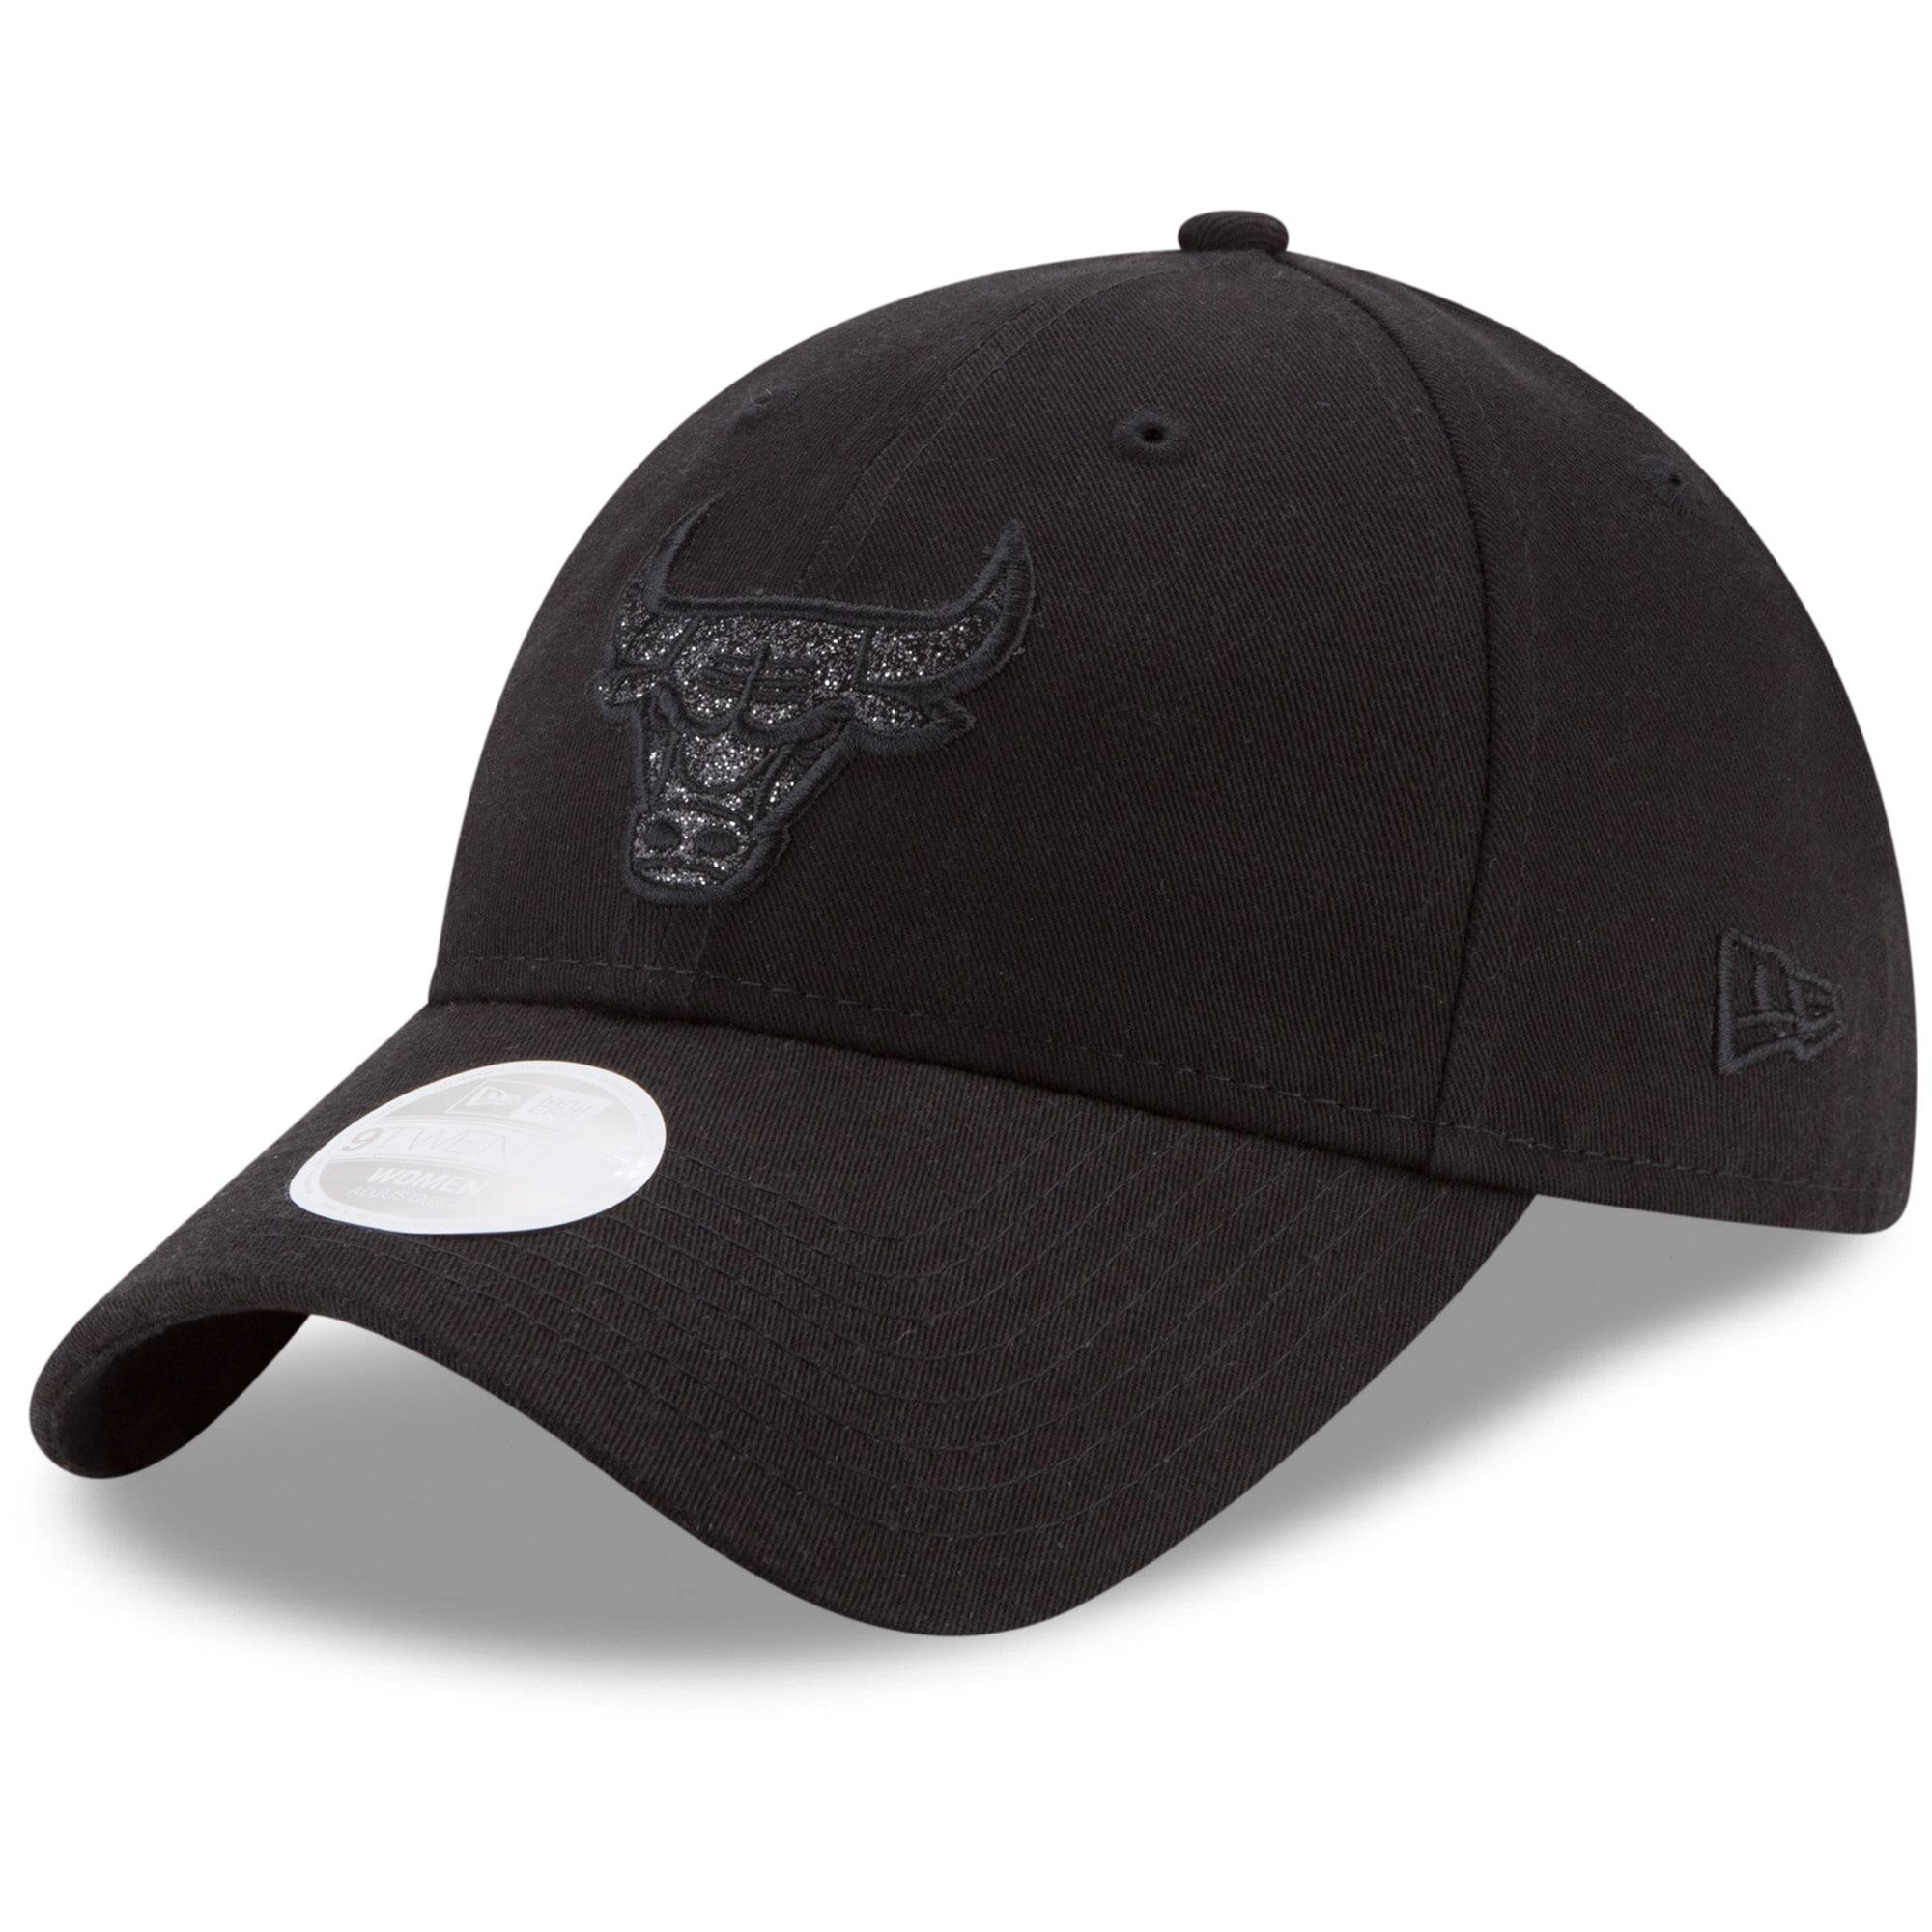 Chicago Bulls New Era Women's Team Logo Glisten 9TWENTY Adjustable Hat - Black